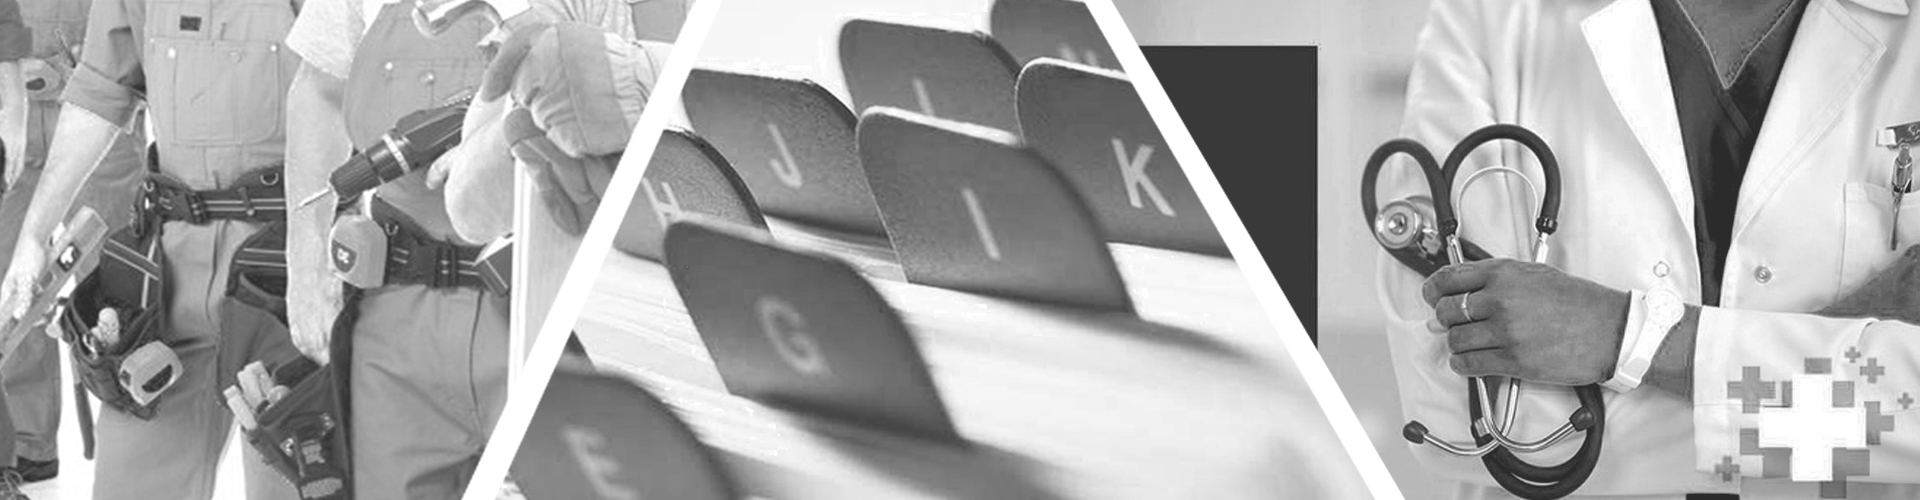 Annuaire d'entreprises en ligne